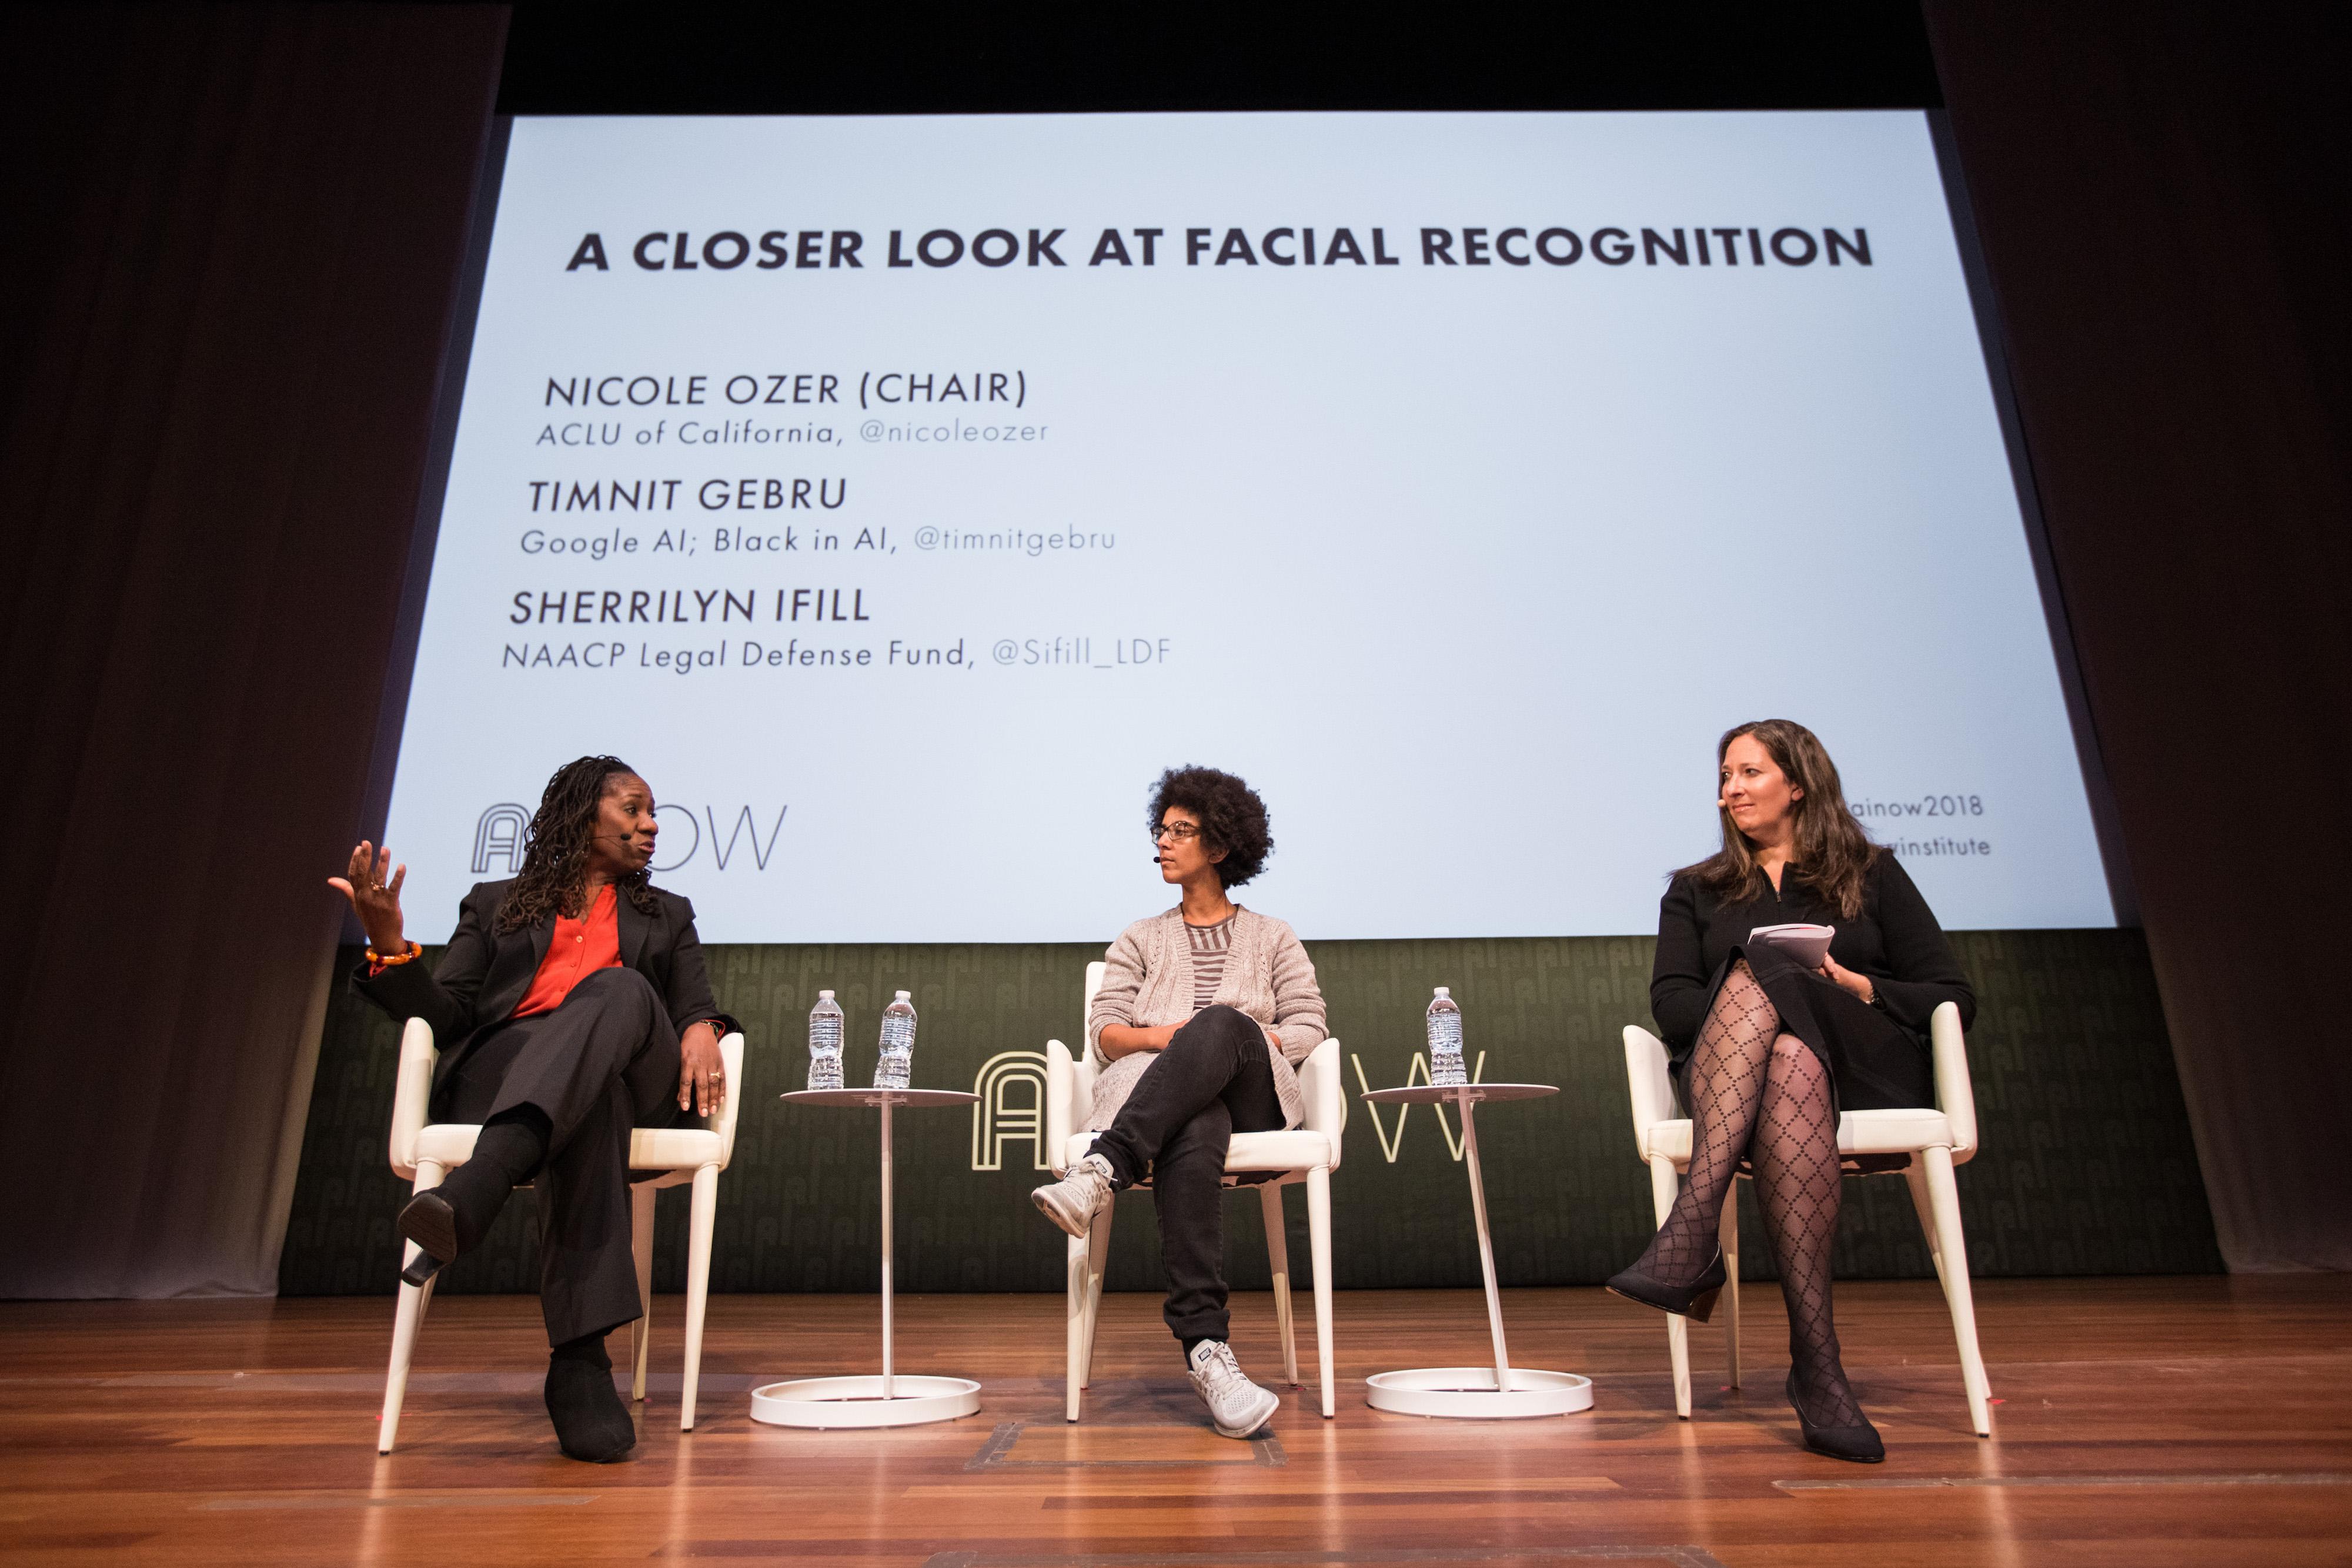 Sherrilyn Ifill (Fondo de Defensa Legal de NAACP), Timnit Gebru (Google) y Nicole Ozer (ACLU) en una conversación en el Simposio AI Now 2018.